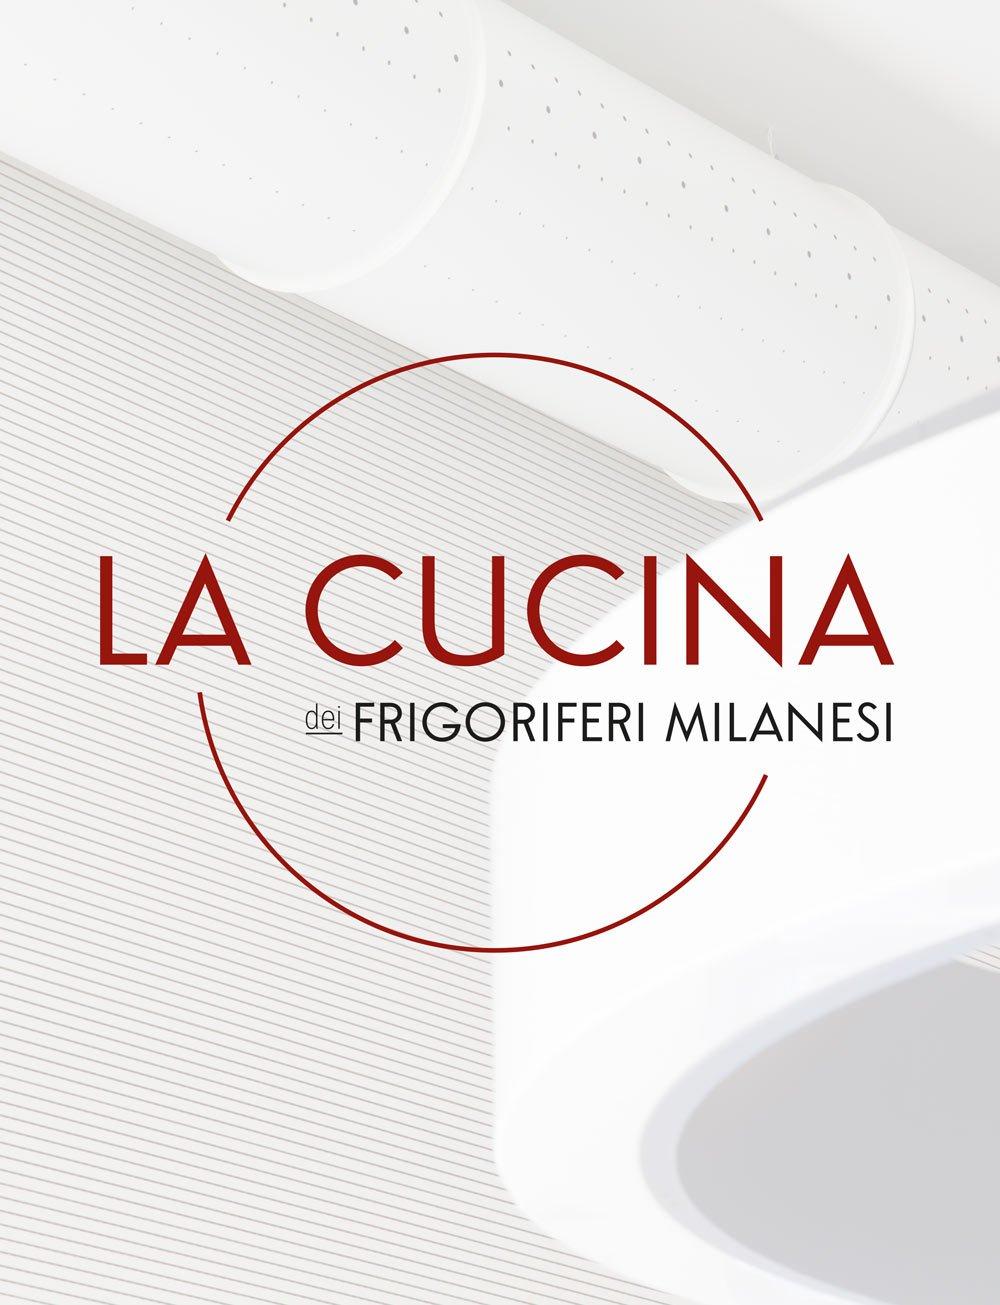 la cucina dei frigoriferi milanesi icon kayak agenzia di comunicazione milano